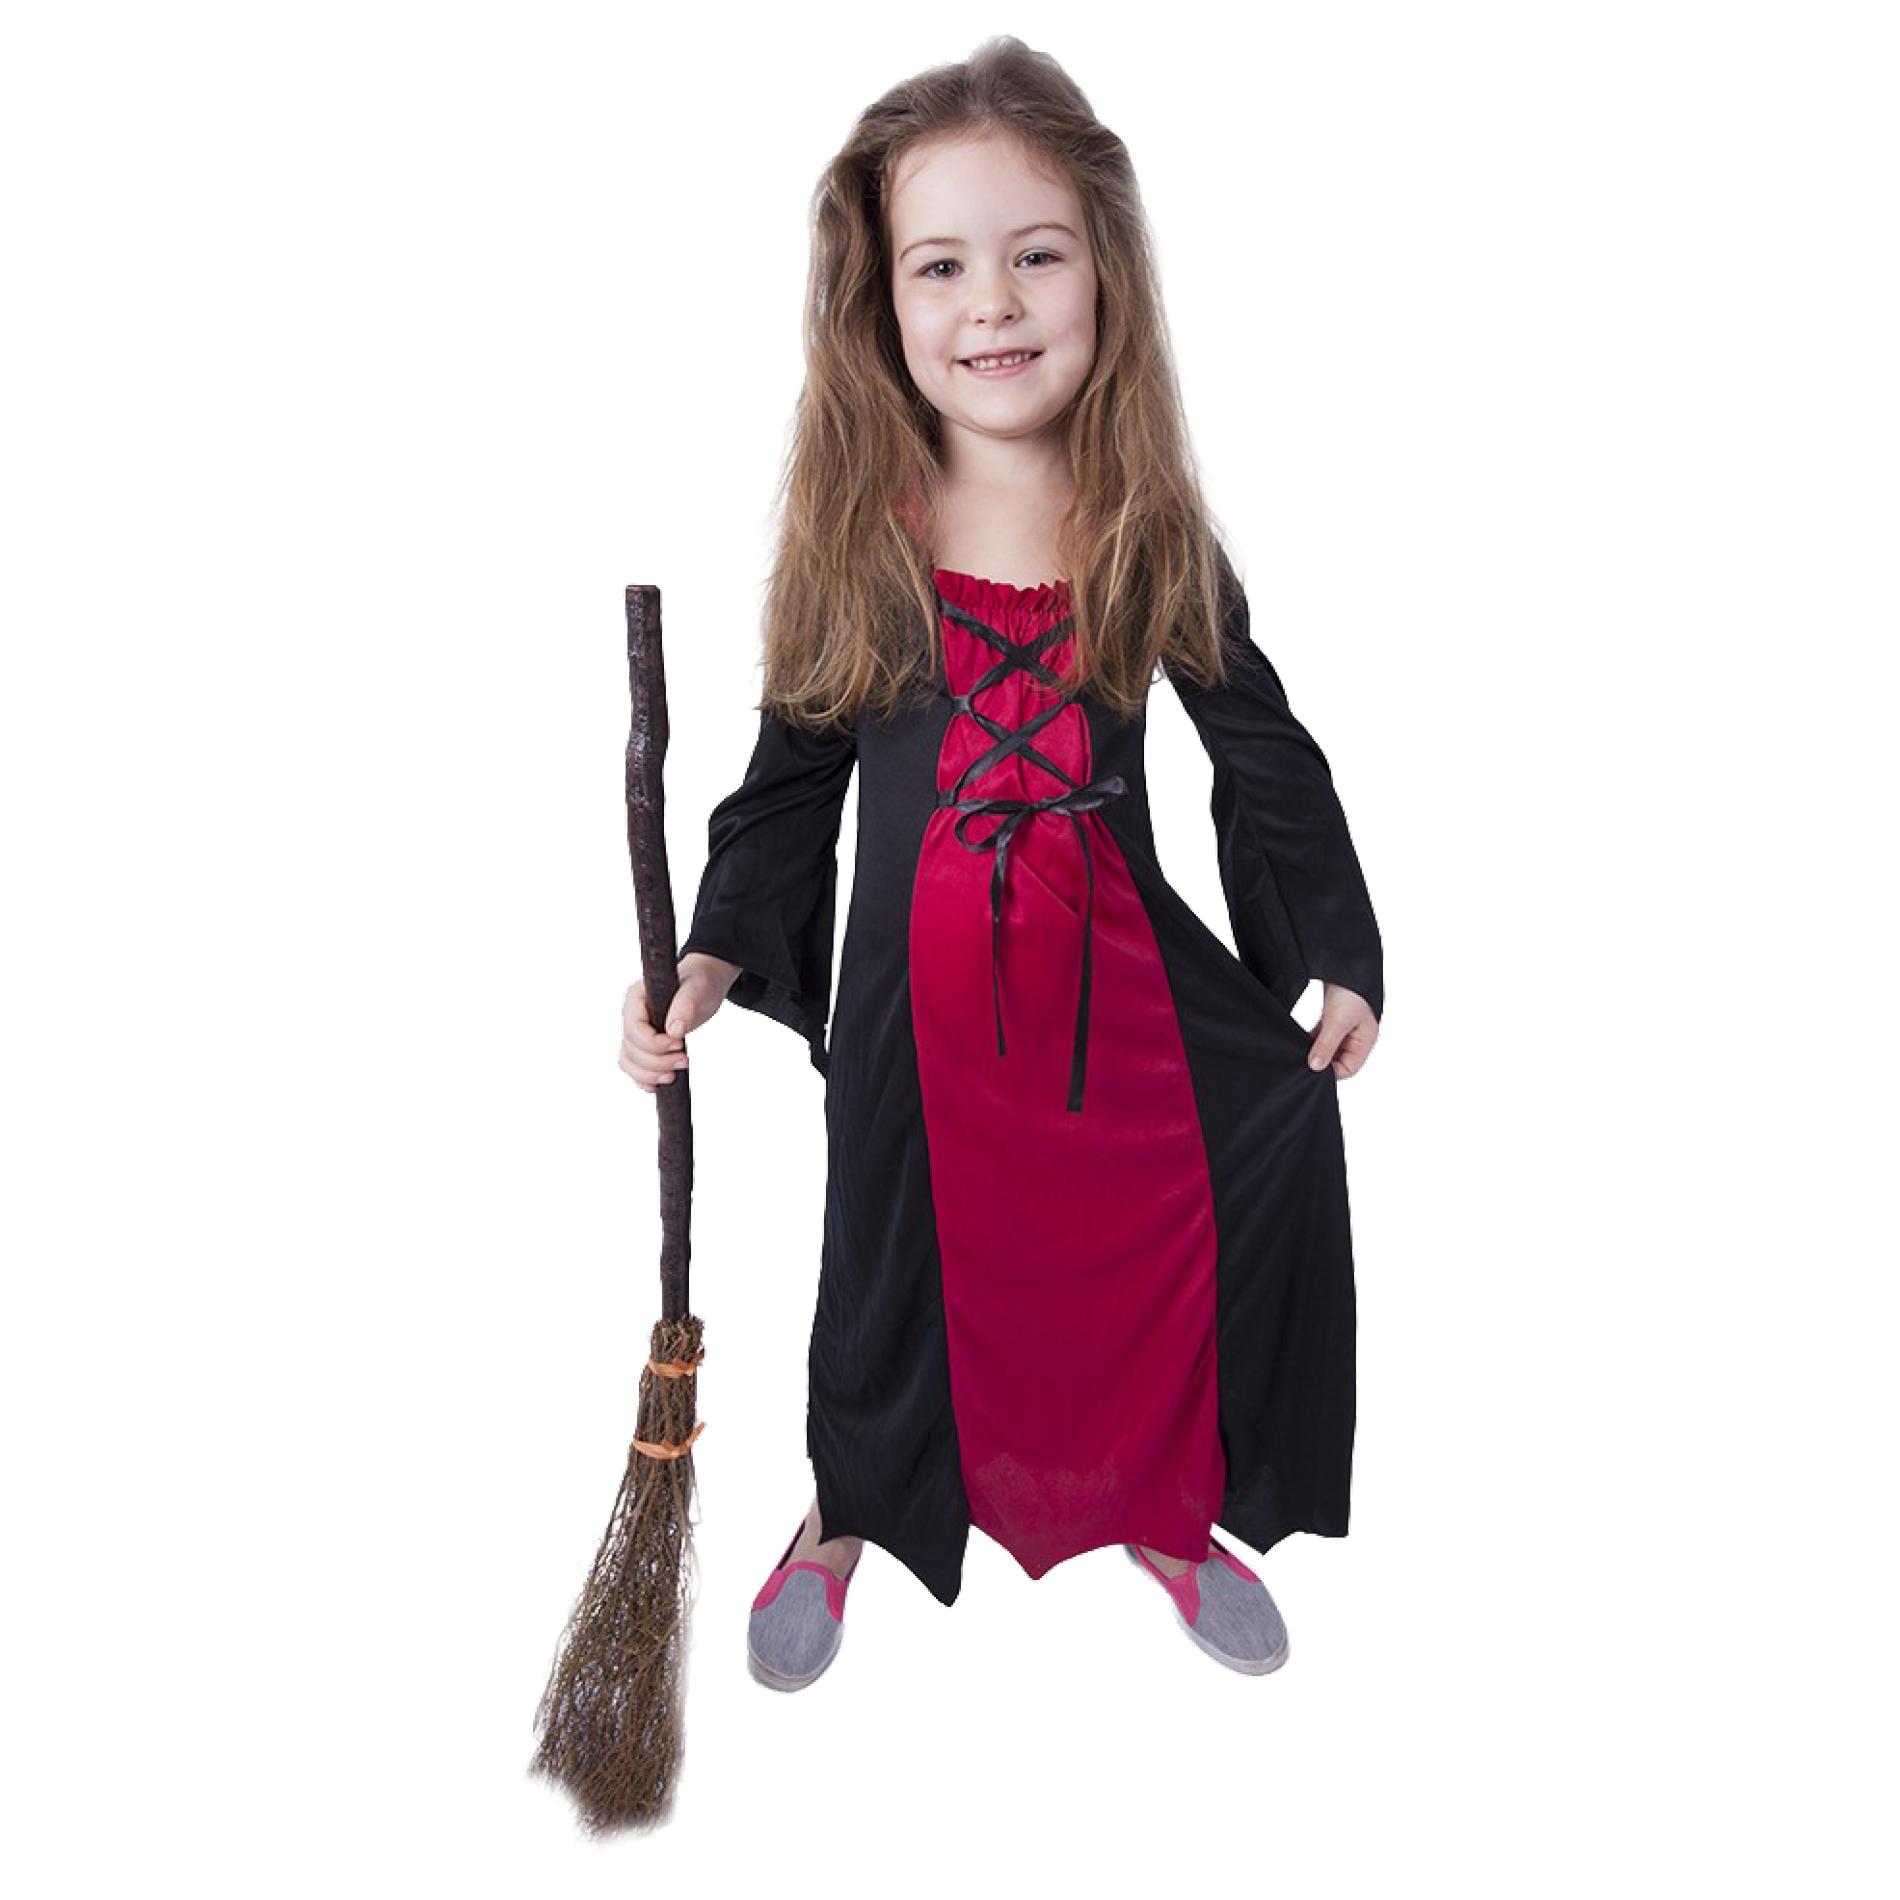 Dětský kostým bordó čarodějnice/Halloween (S)